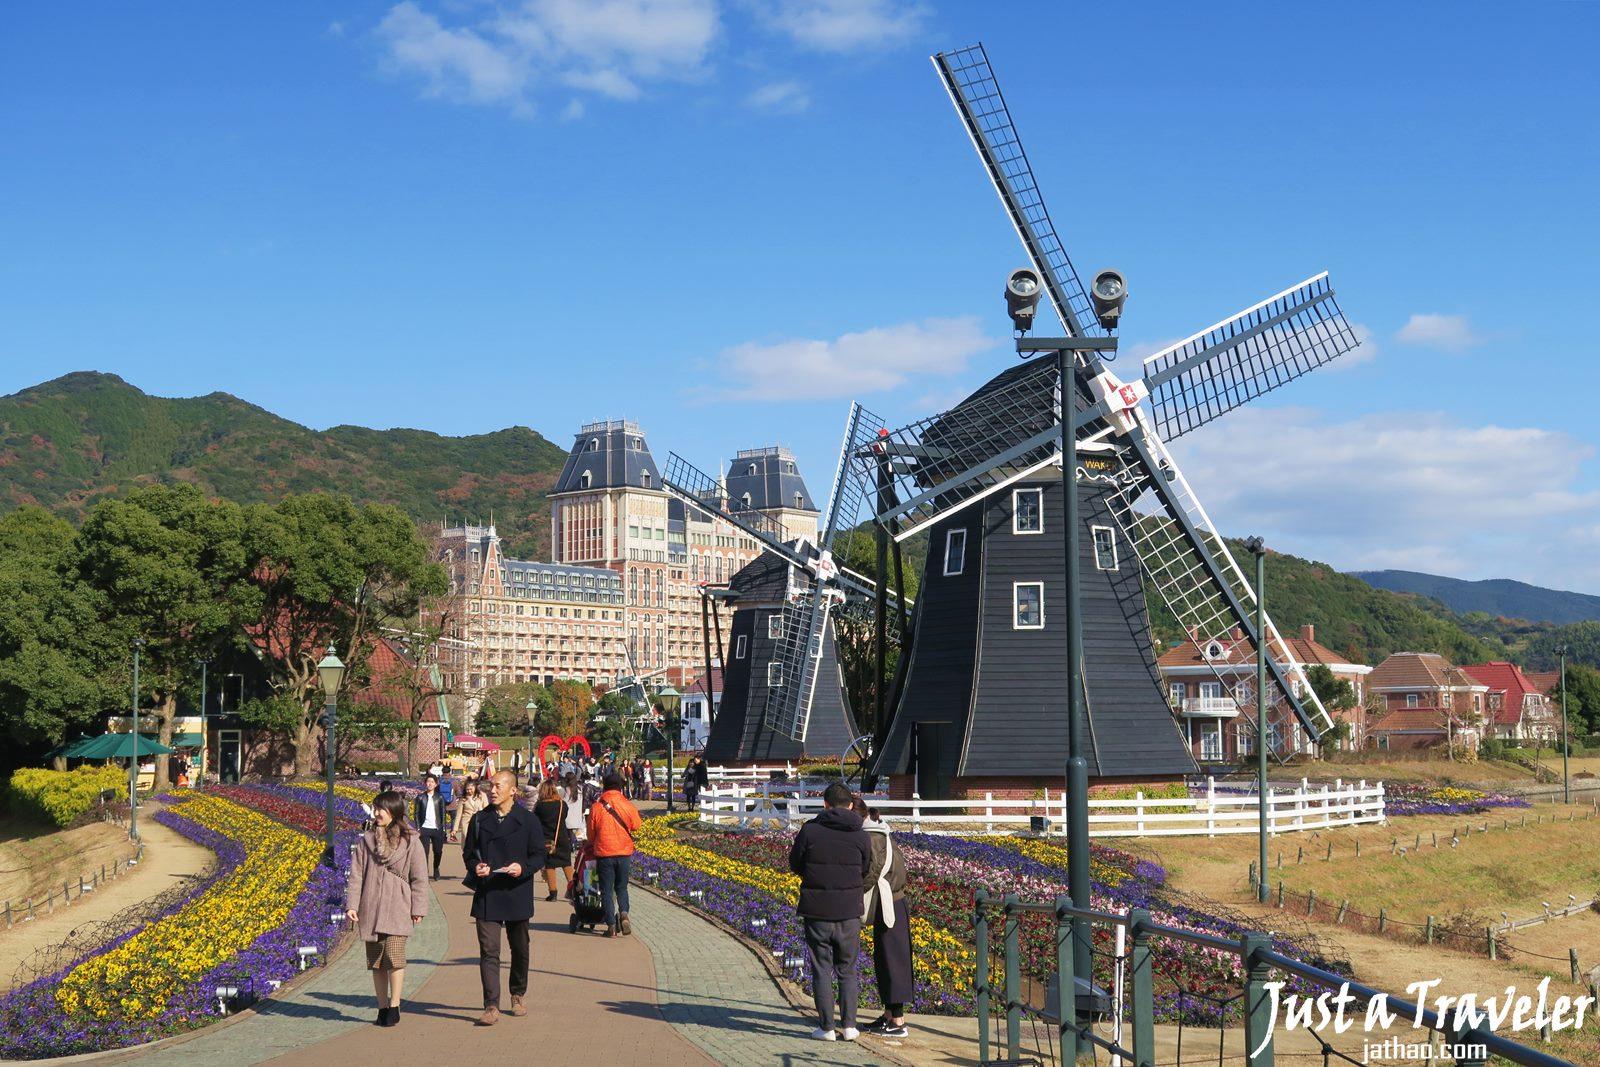 九州-長崎-景點-推薦-豪斯登堡-豪斯登堡交通-豪斯登堡行程-豪斯登堡攻略-豪斯登堡一日遊-旅遊-豪斯登堡門票-豪斯登堡活動-自由行-Kyushu-Huis Ten Bosch-Travel-Japan